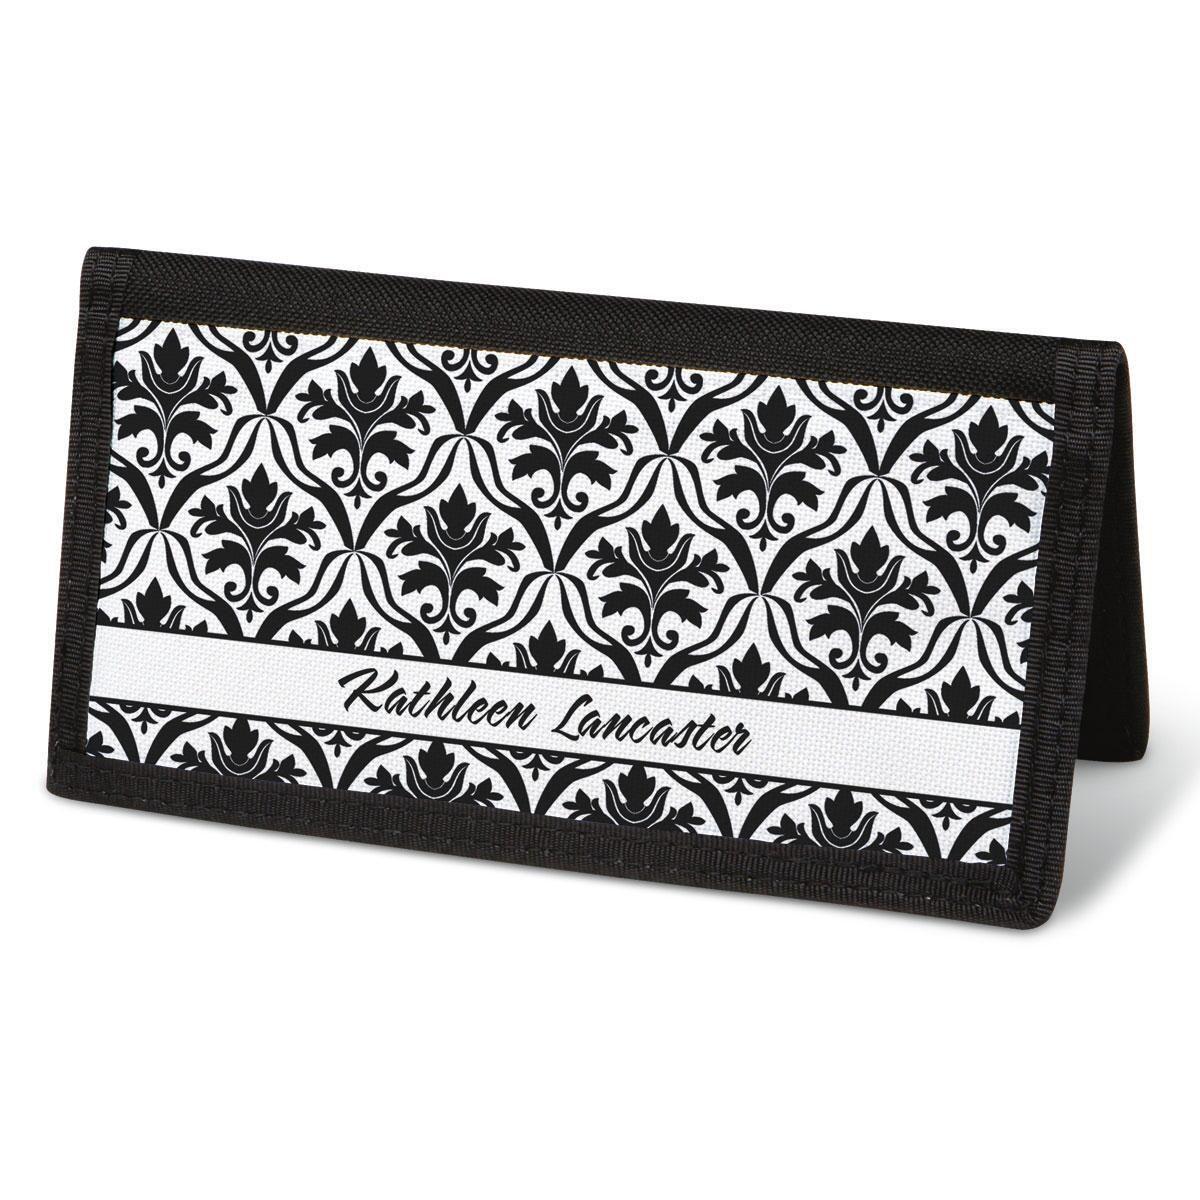 Elegant in Black Checkbook Cover - Personalized